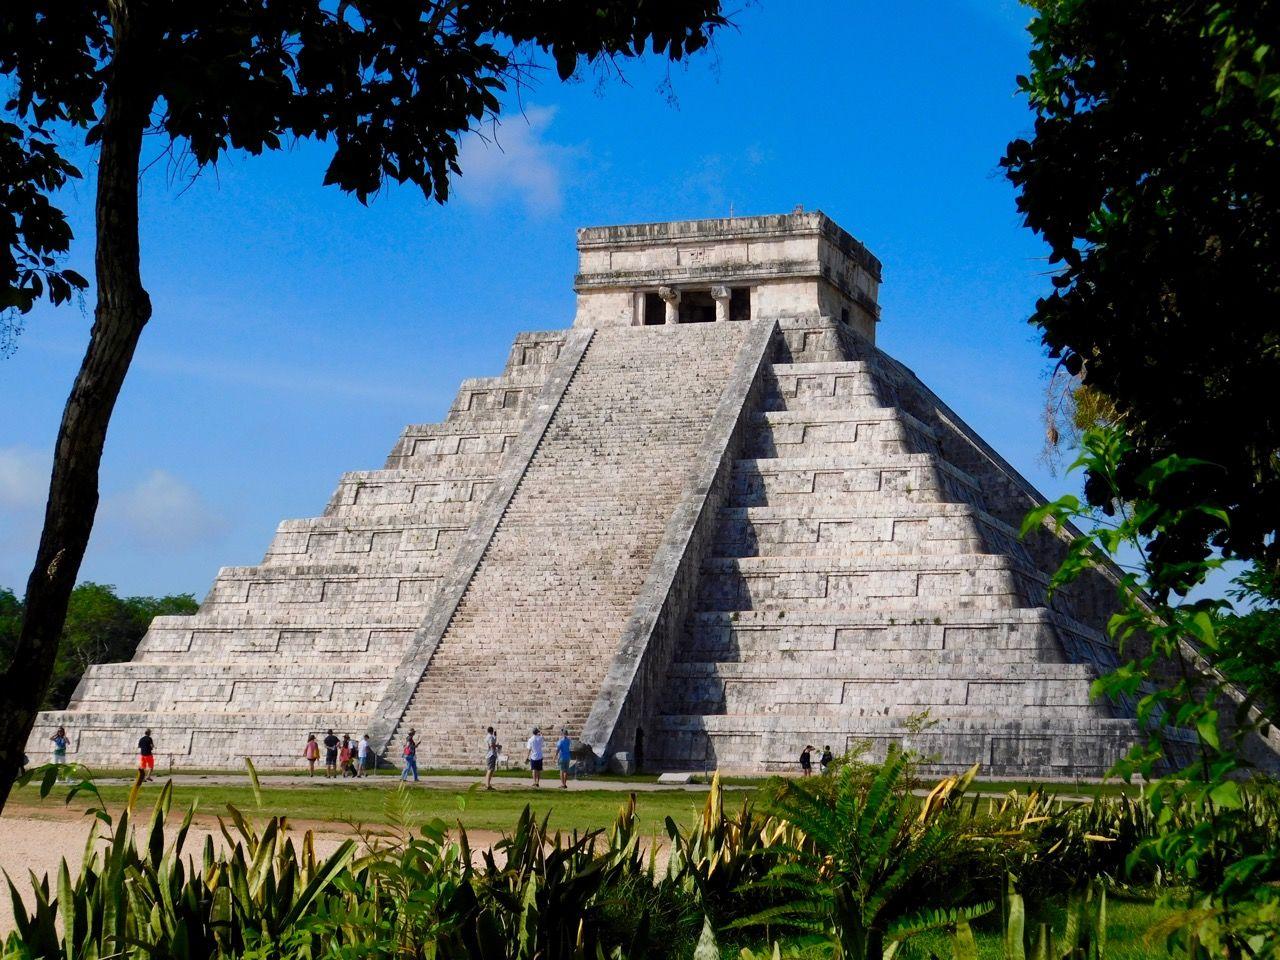 la pyramide de Chichen Itza